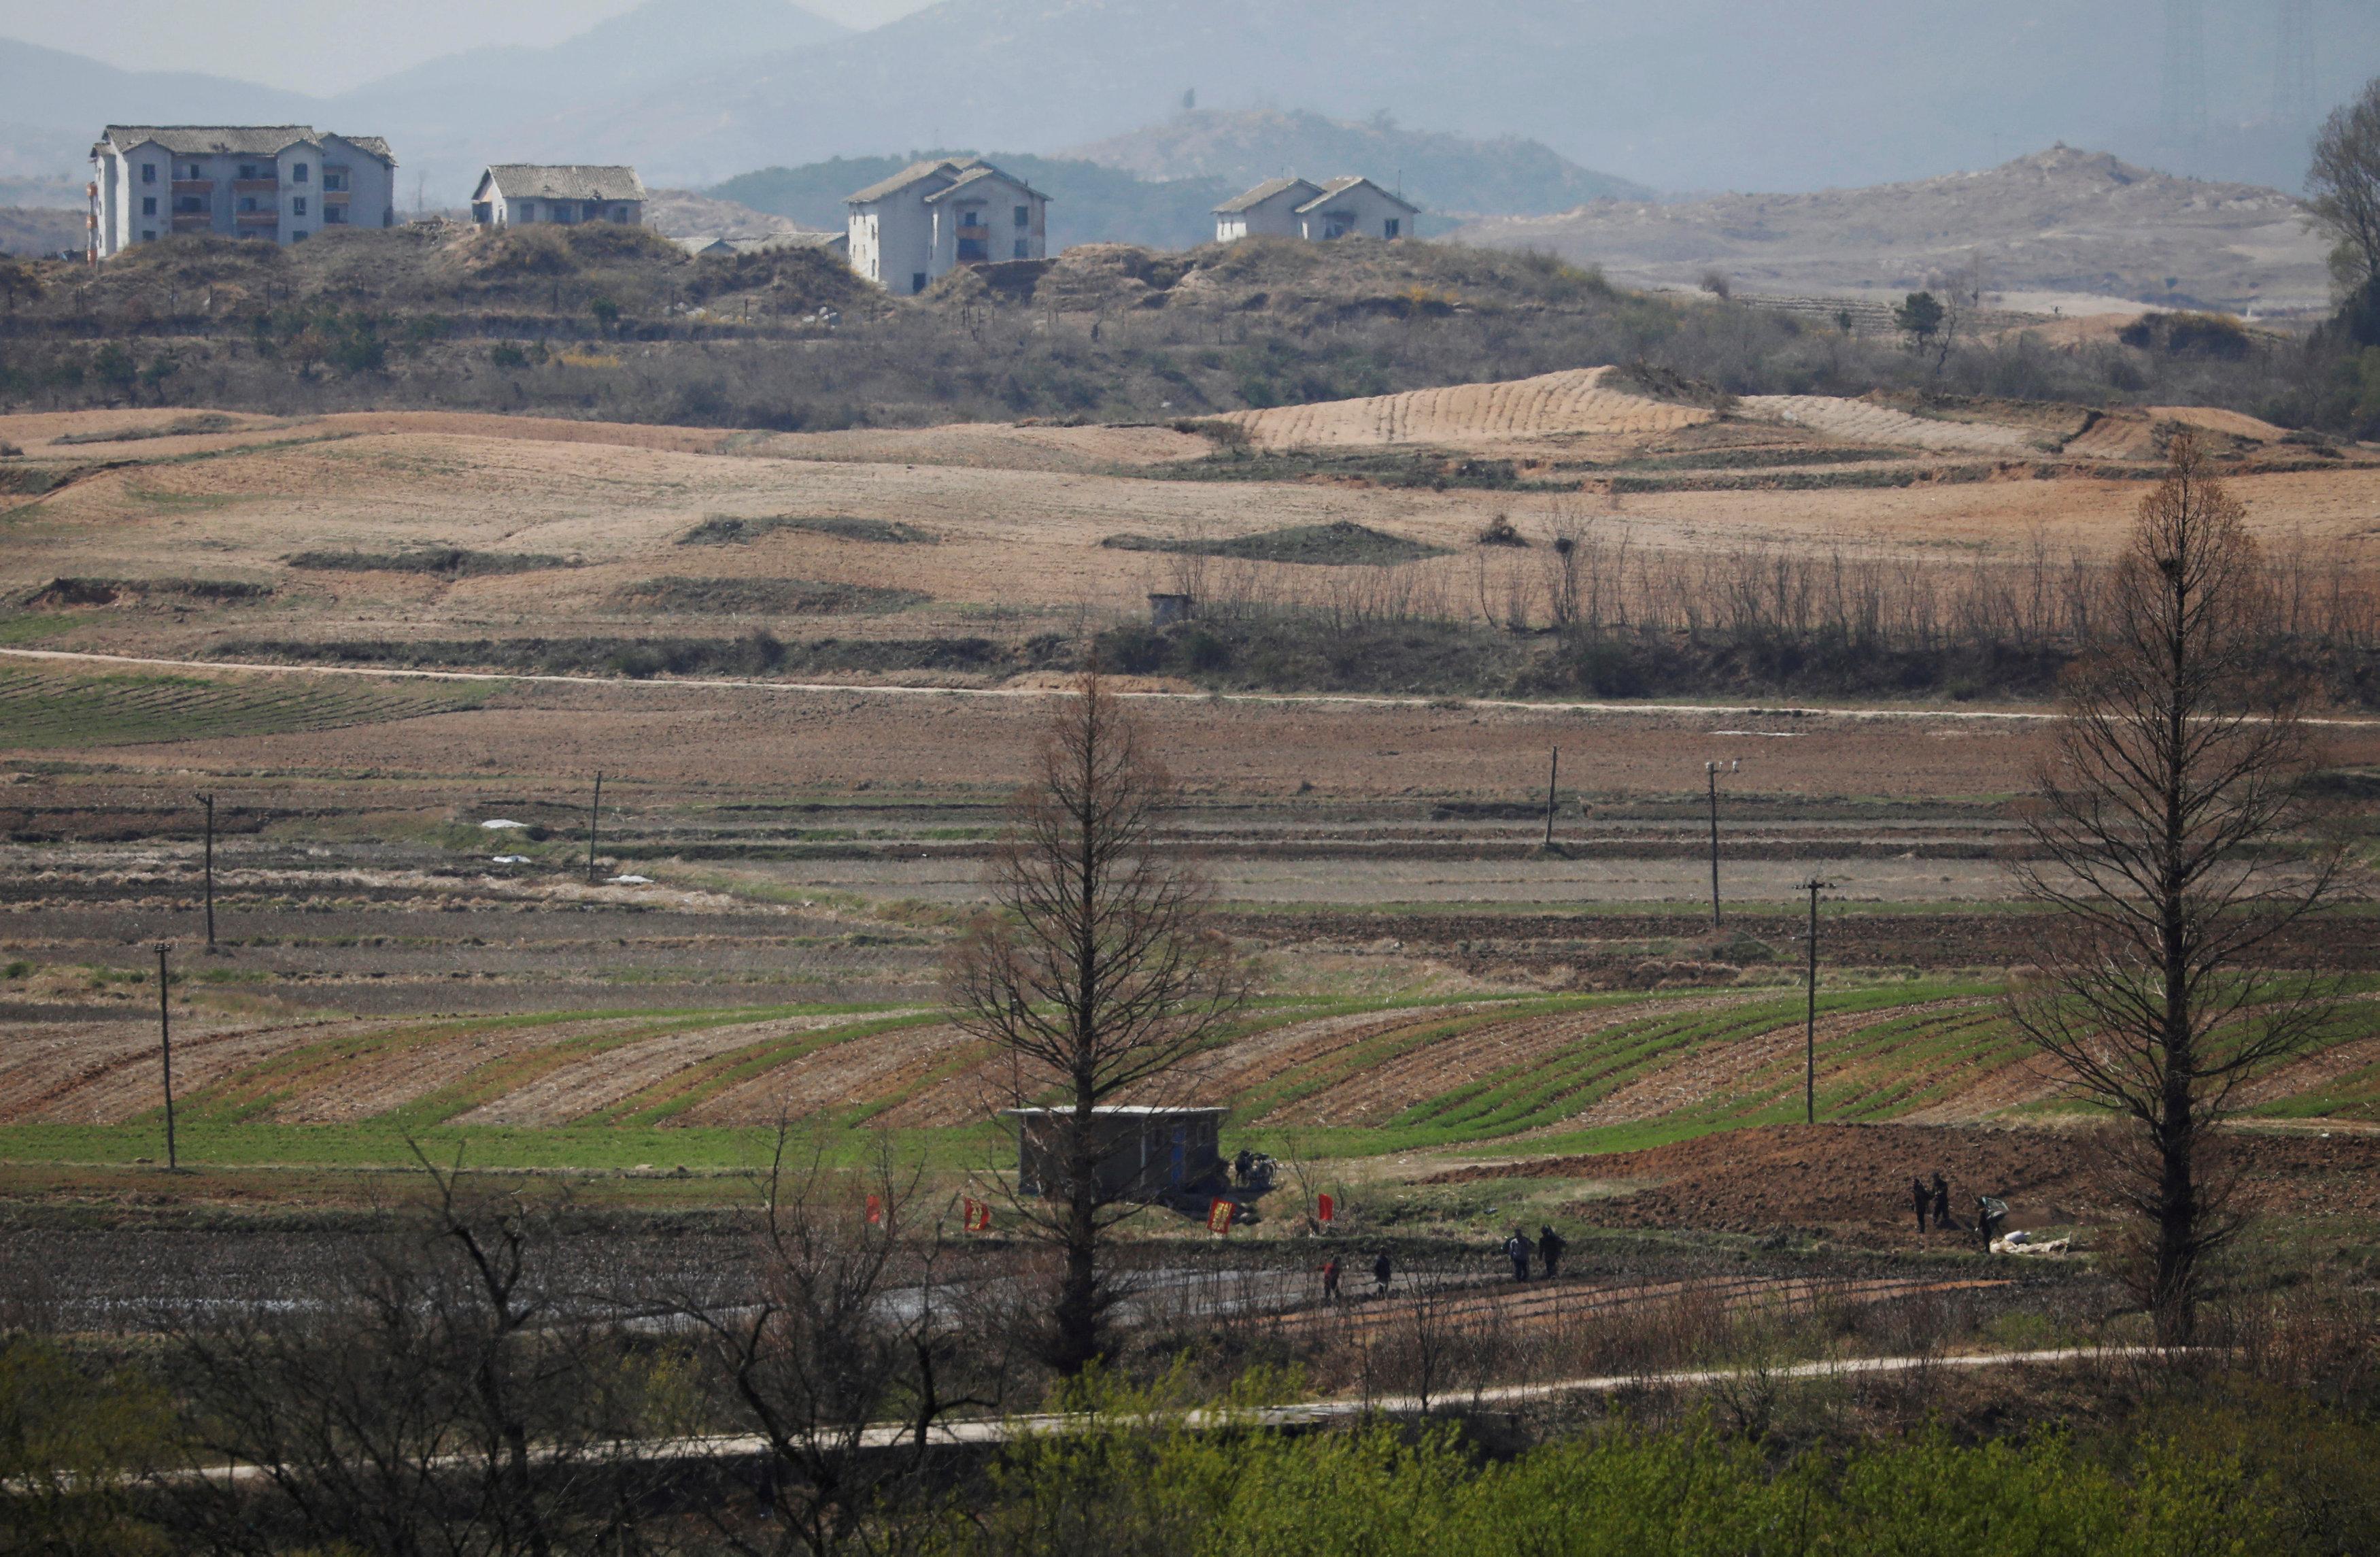 Corea del Norte invitará a reporteros surcoreanos a observar el desguace del sitio nuclear - Corea del Sur